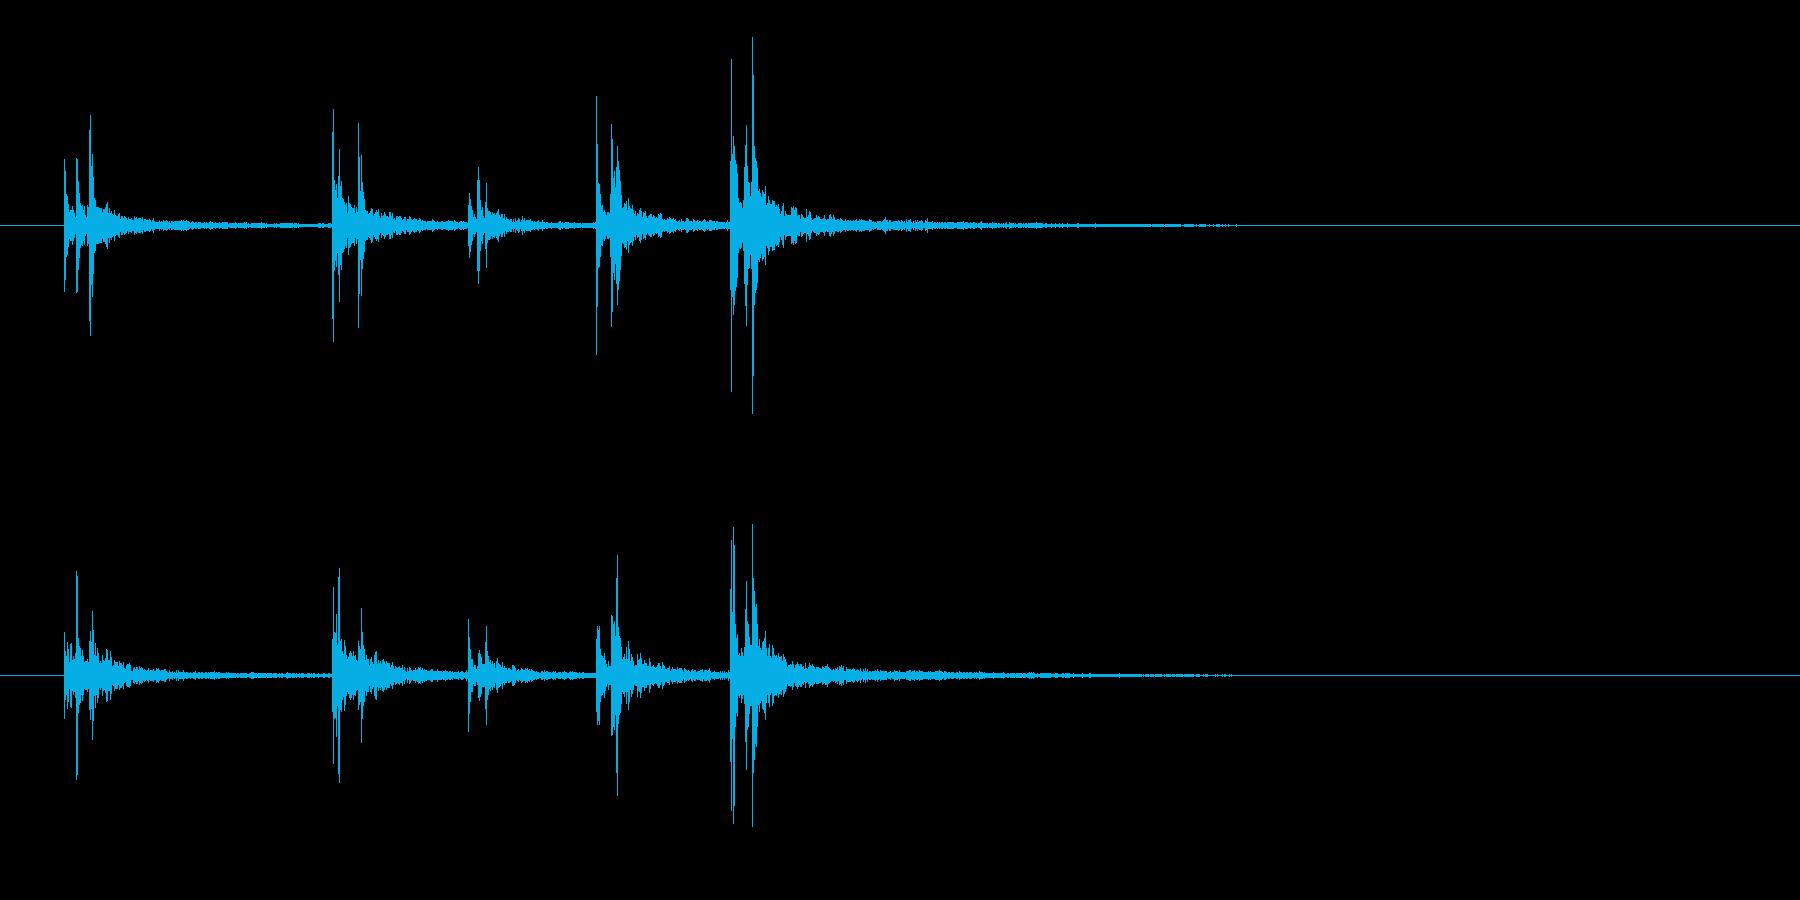 軽快スティック同士を叩くフレーズ音+FXの再生済みの波形